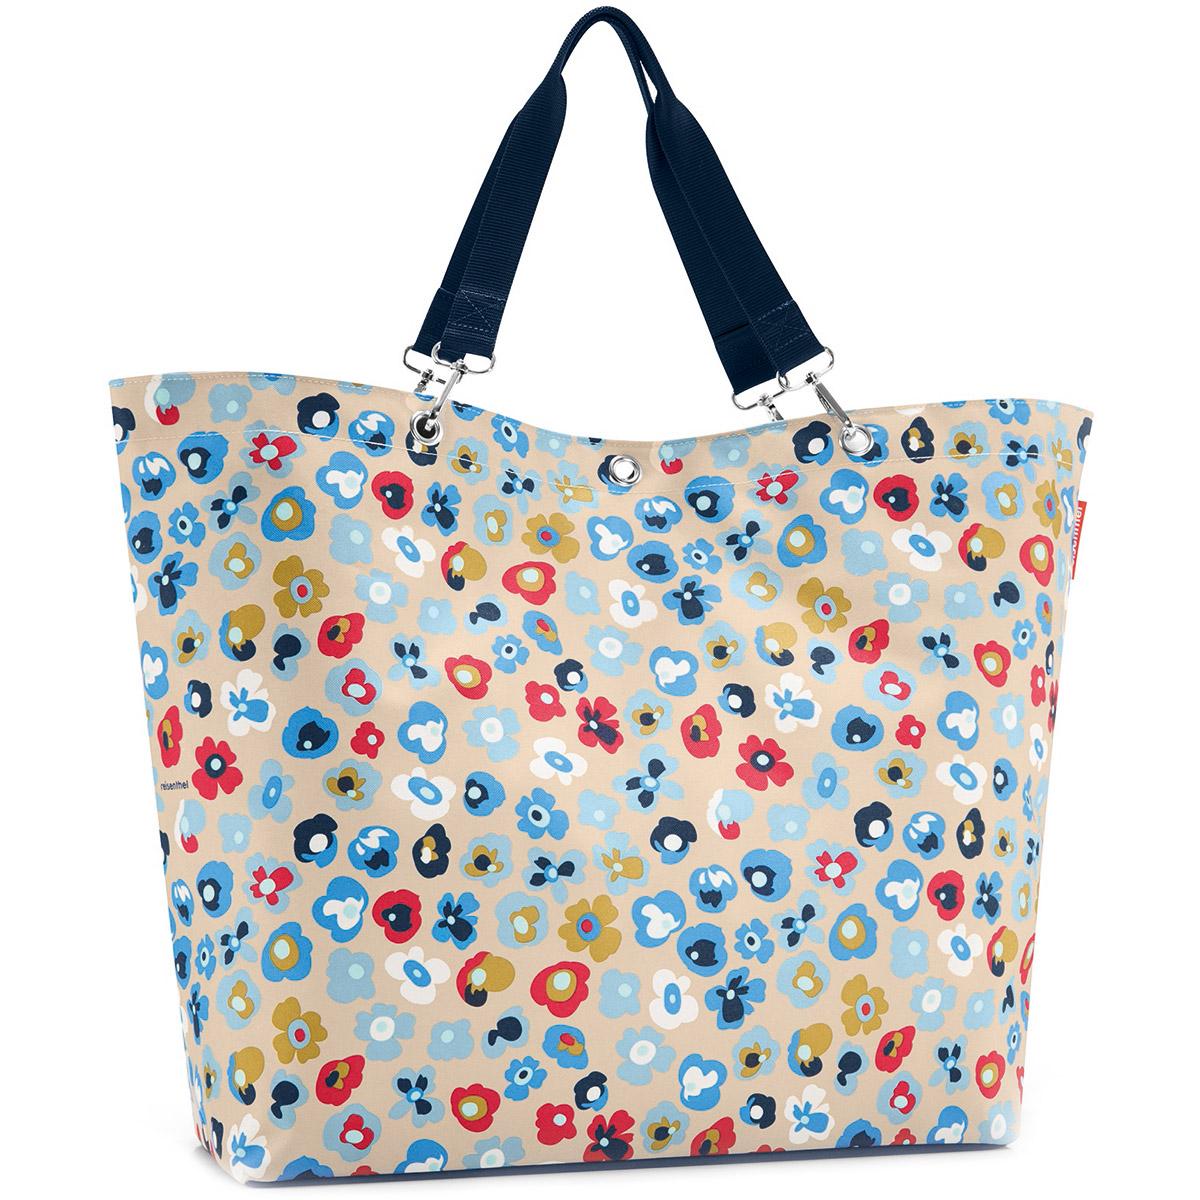 dbda08b8d0861 Torby i koszyki na zakupy, torby ekologiczne | sklep internetowy  GaleriaLimonka.pl